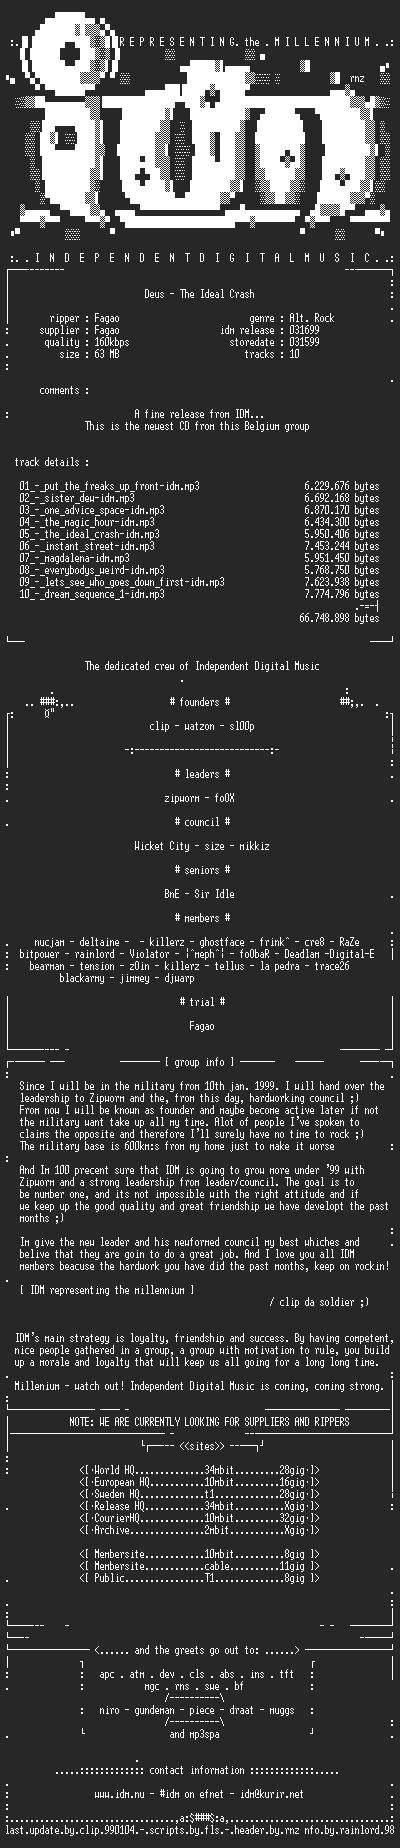 NFO file for Deus_-_The_Ideal_Crash-(1999)-IDM